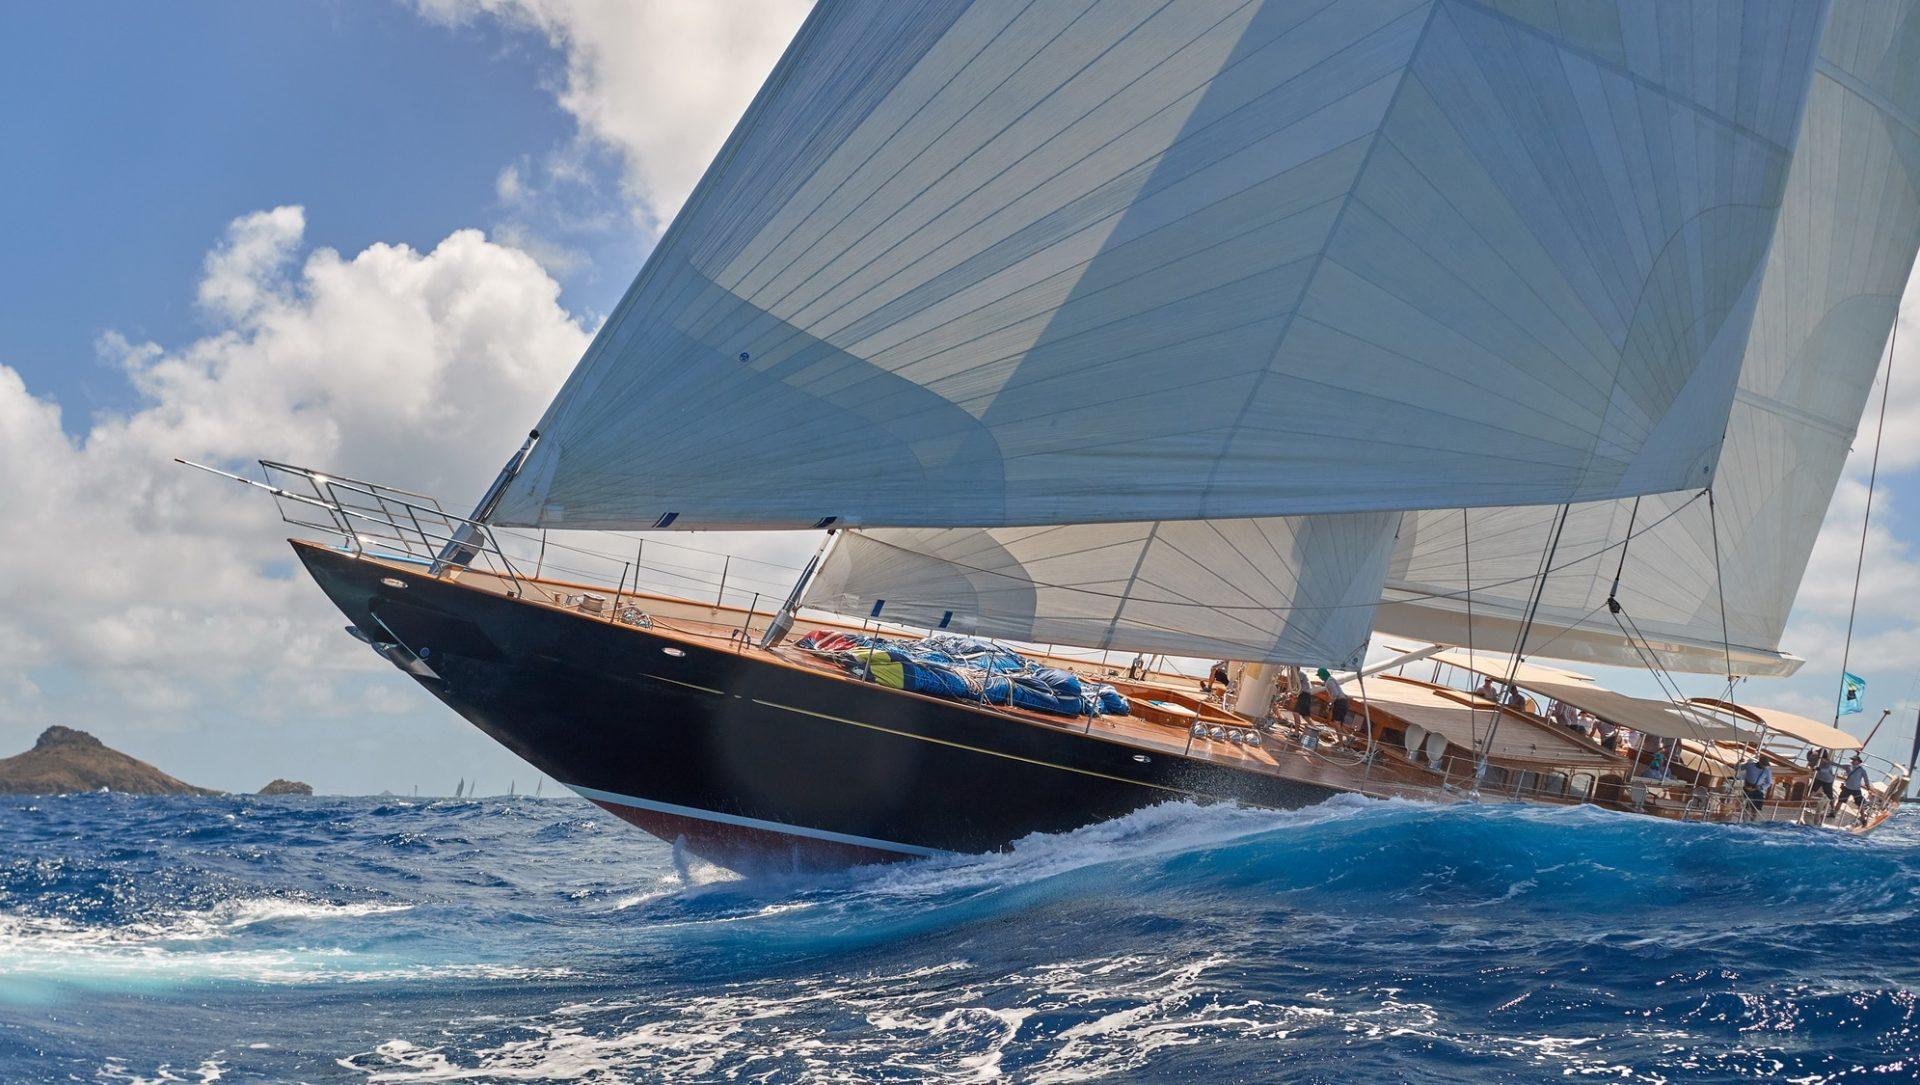 Rigging & Sails